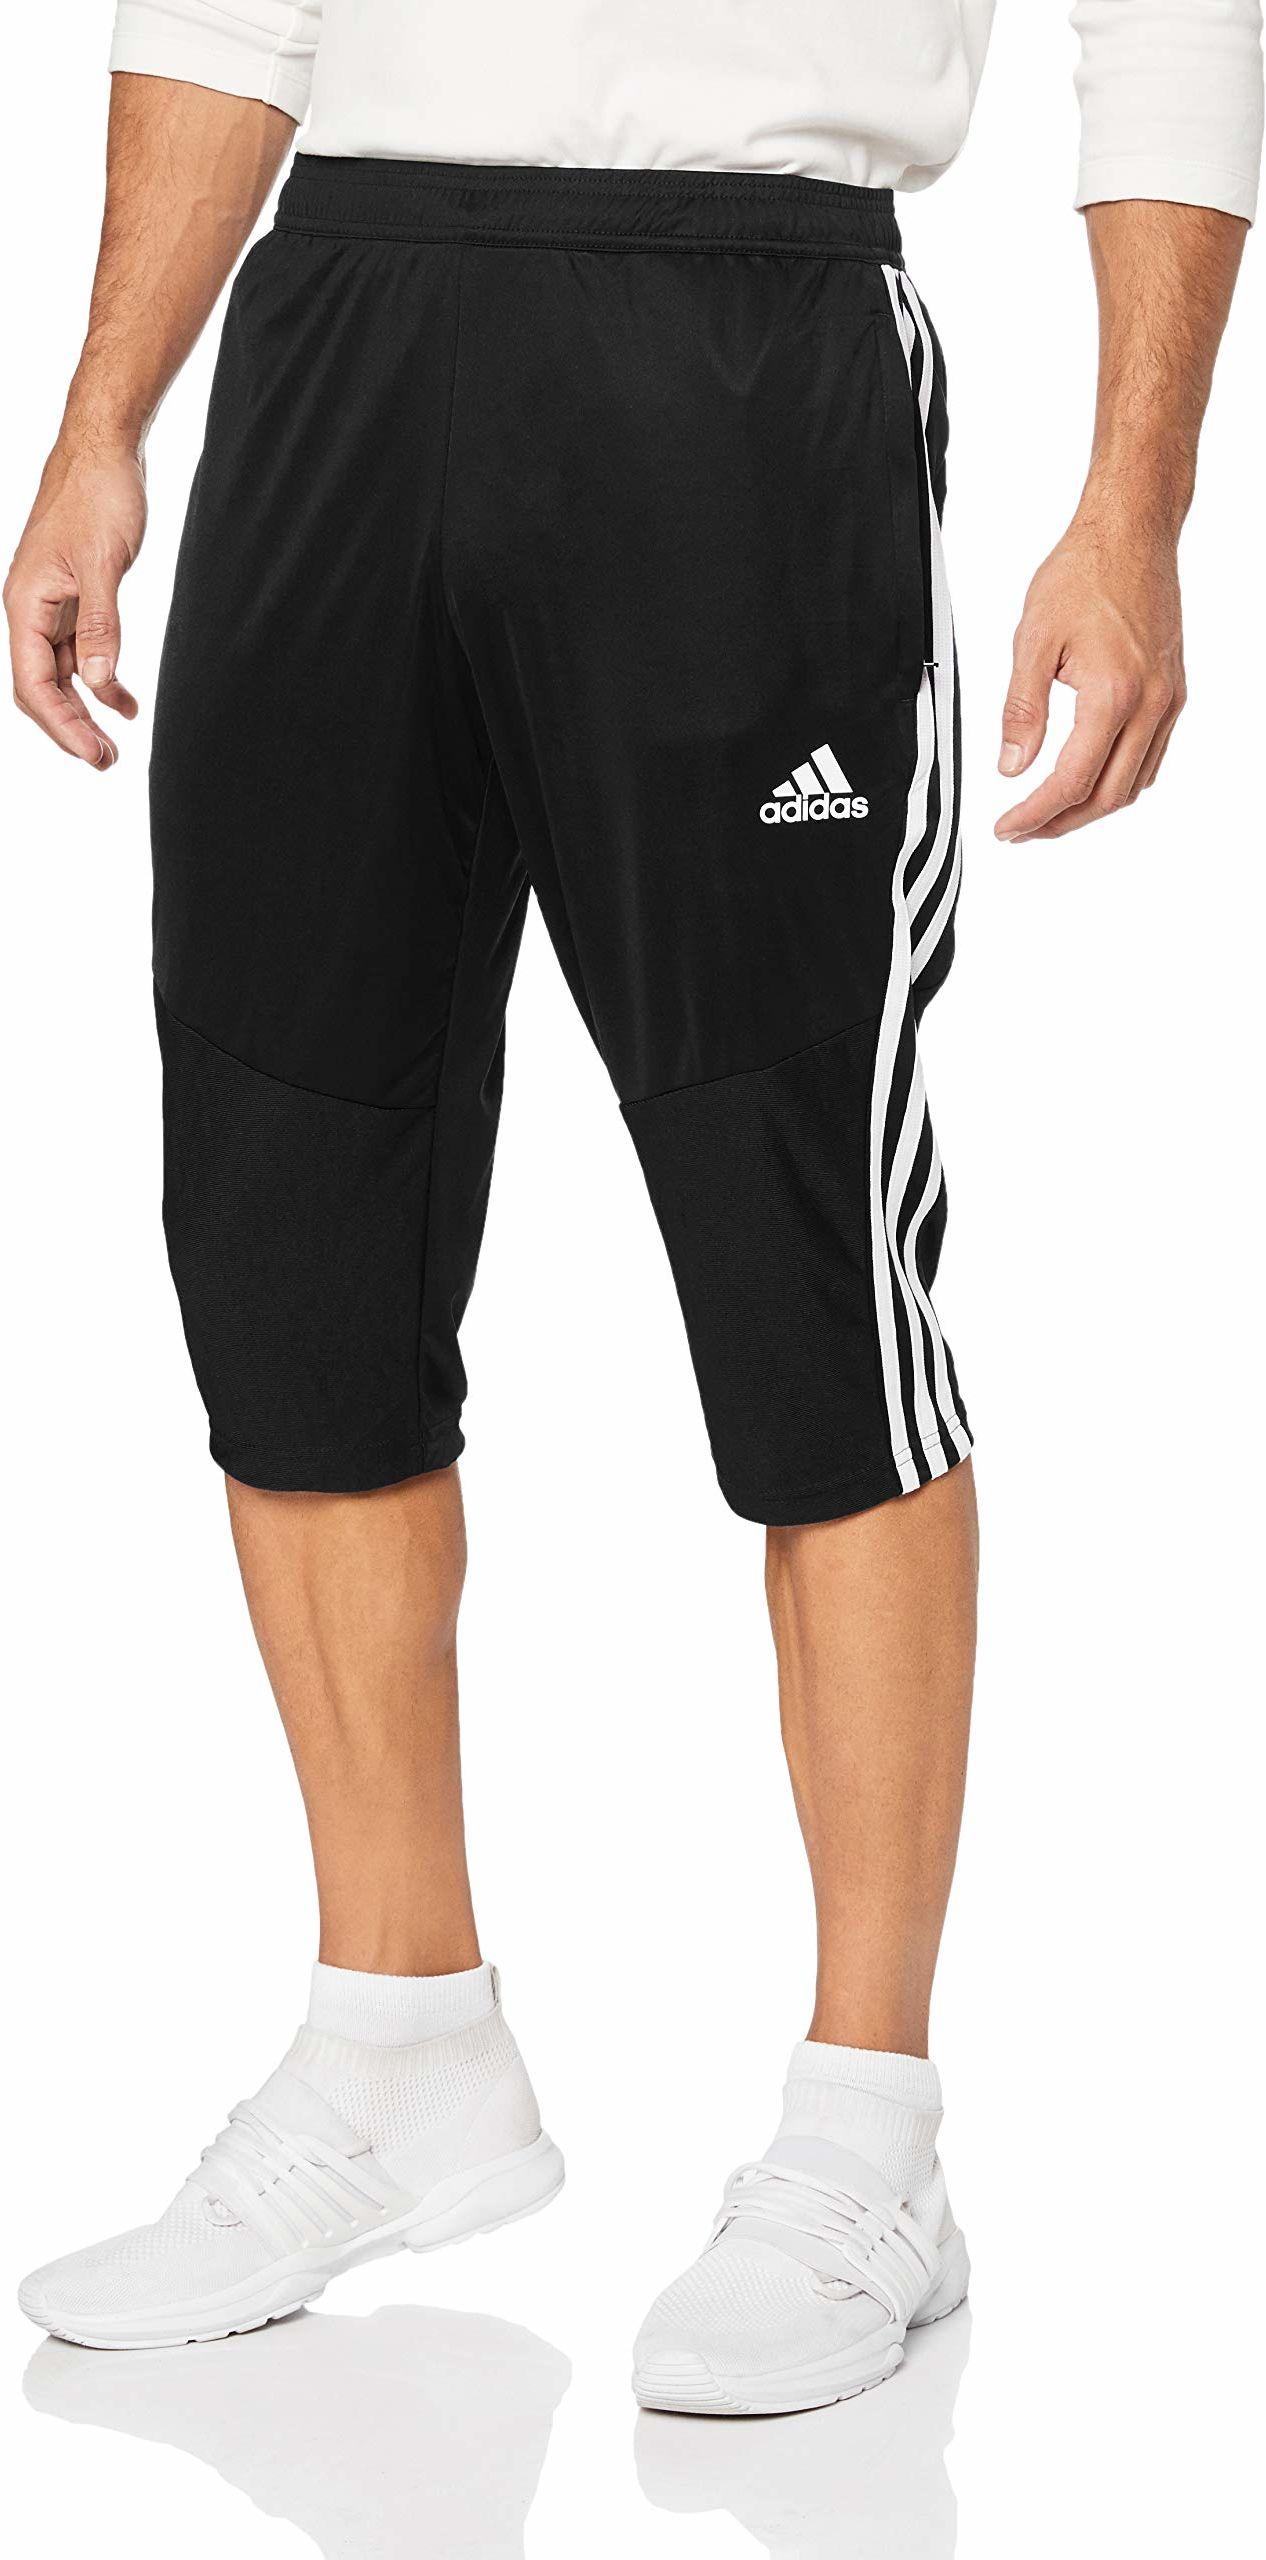 adidas Męskie spodnie sportowe Tiro19 3/4 PNT czarny/biały XS